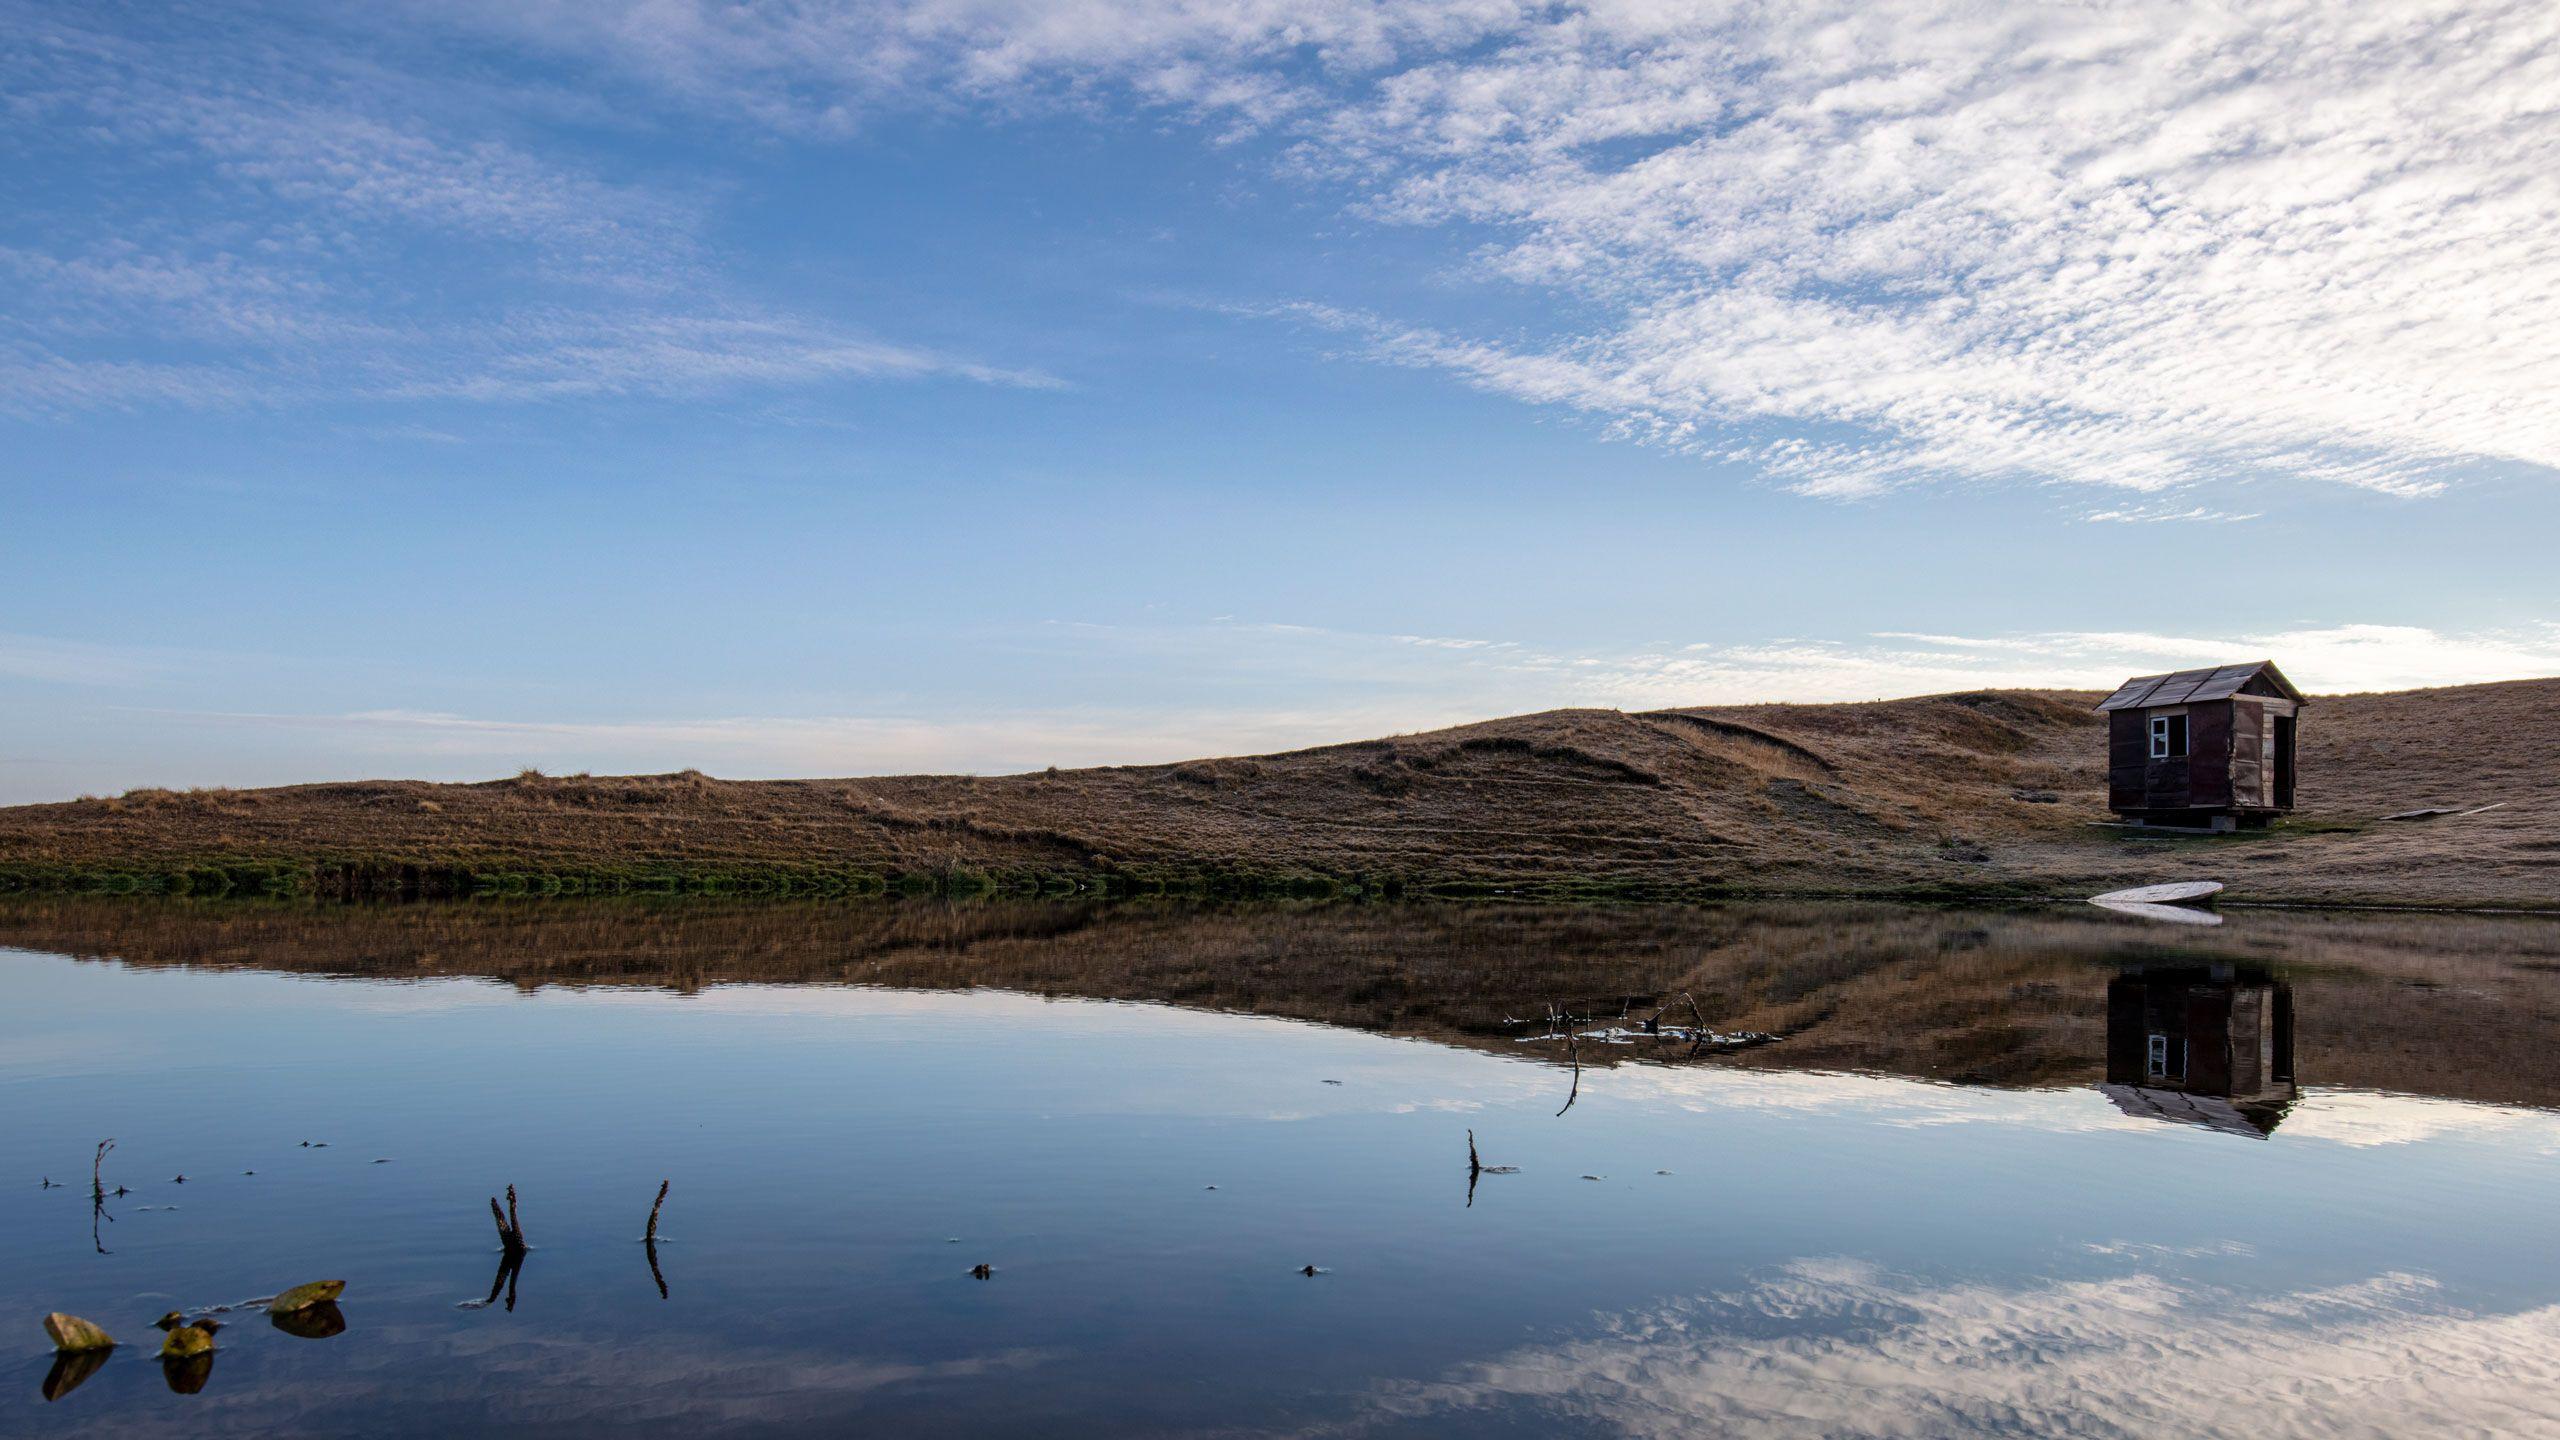 Дагестан, пейзаж, горы, Valius, Россия, озеро, облака,  Valius